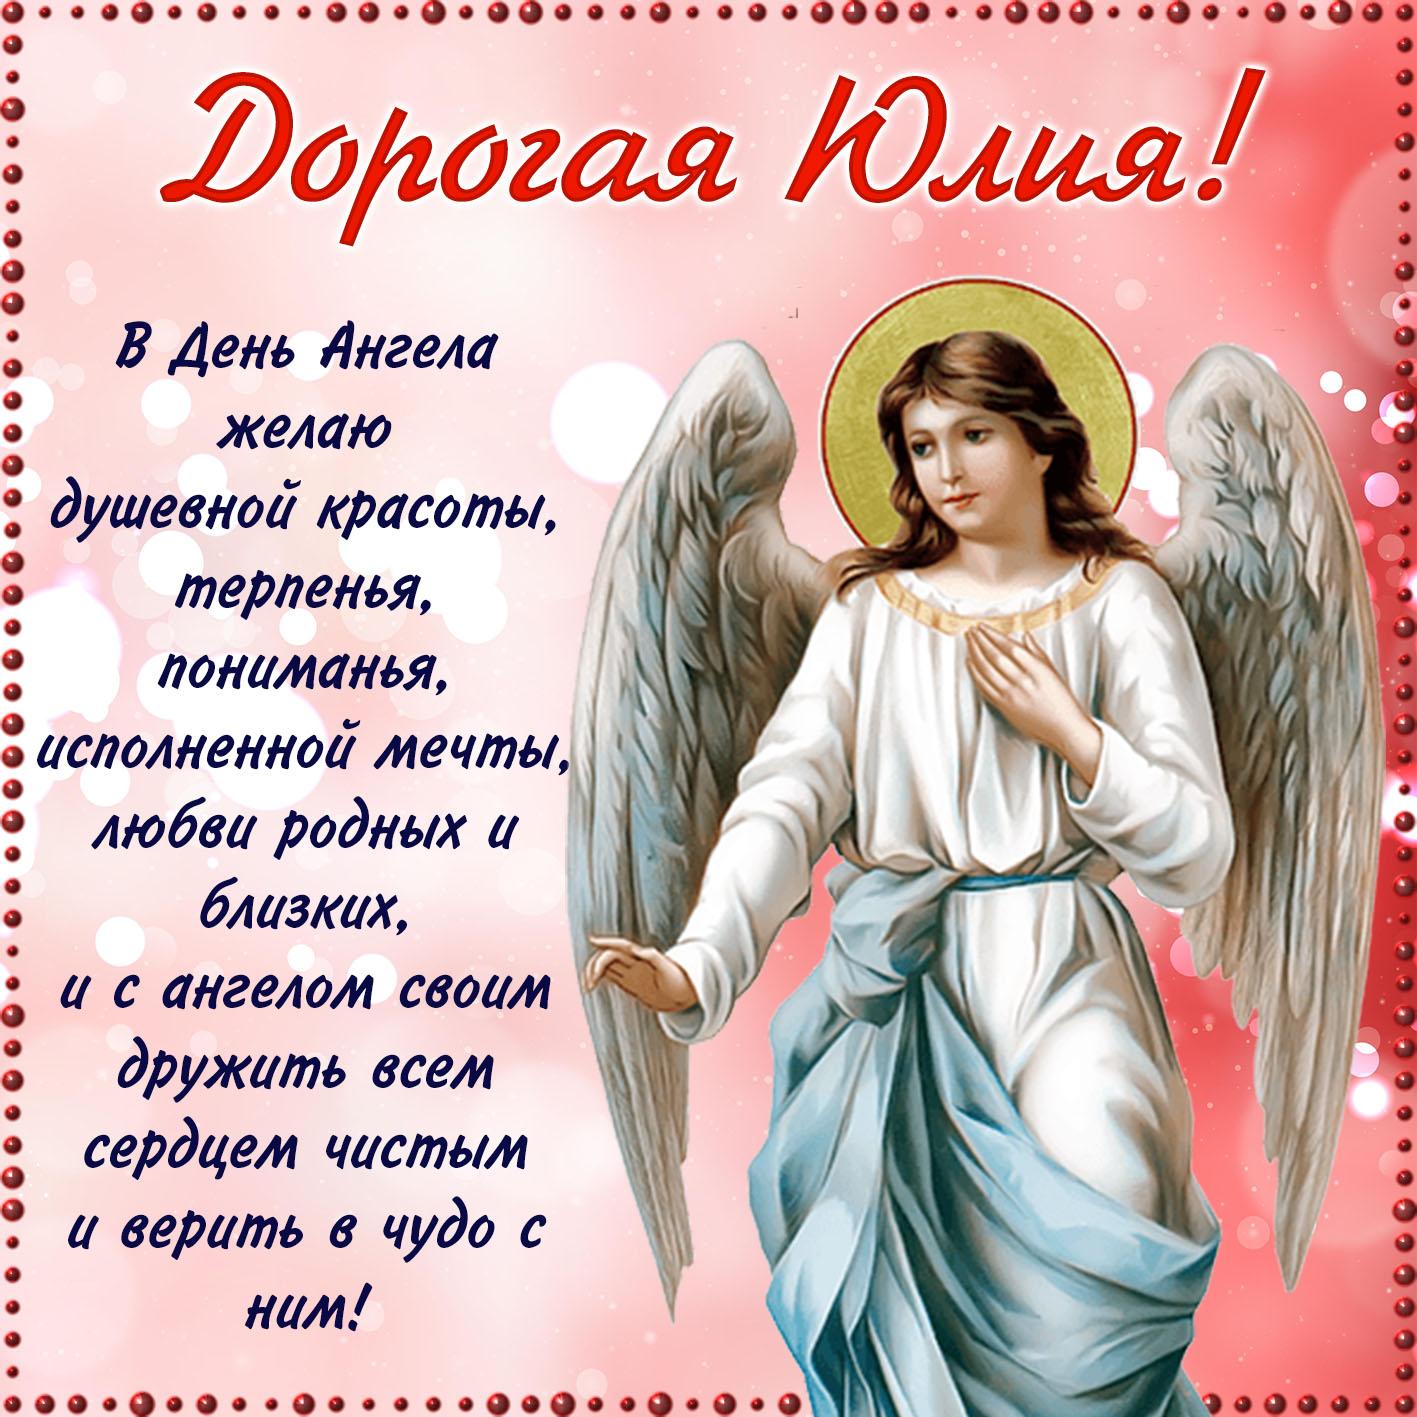 Февраля, открытка день ангела галины